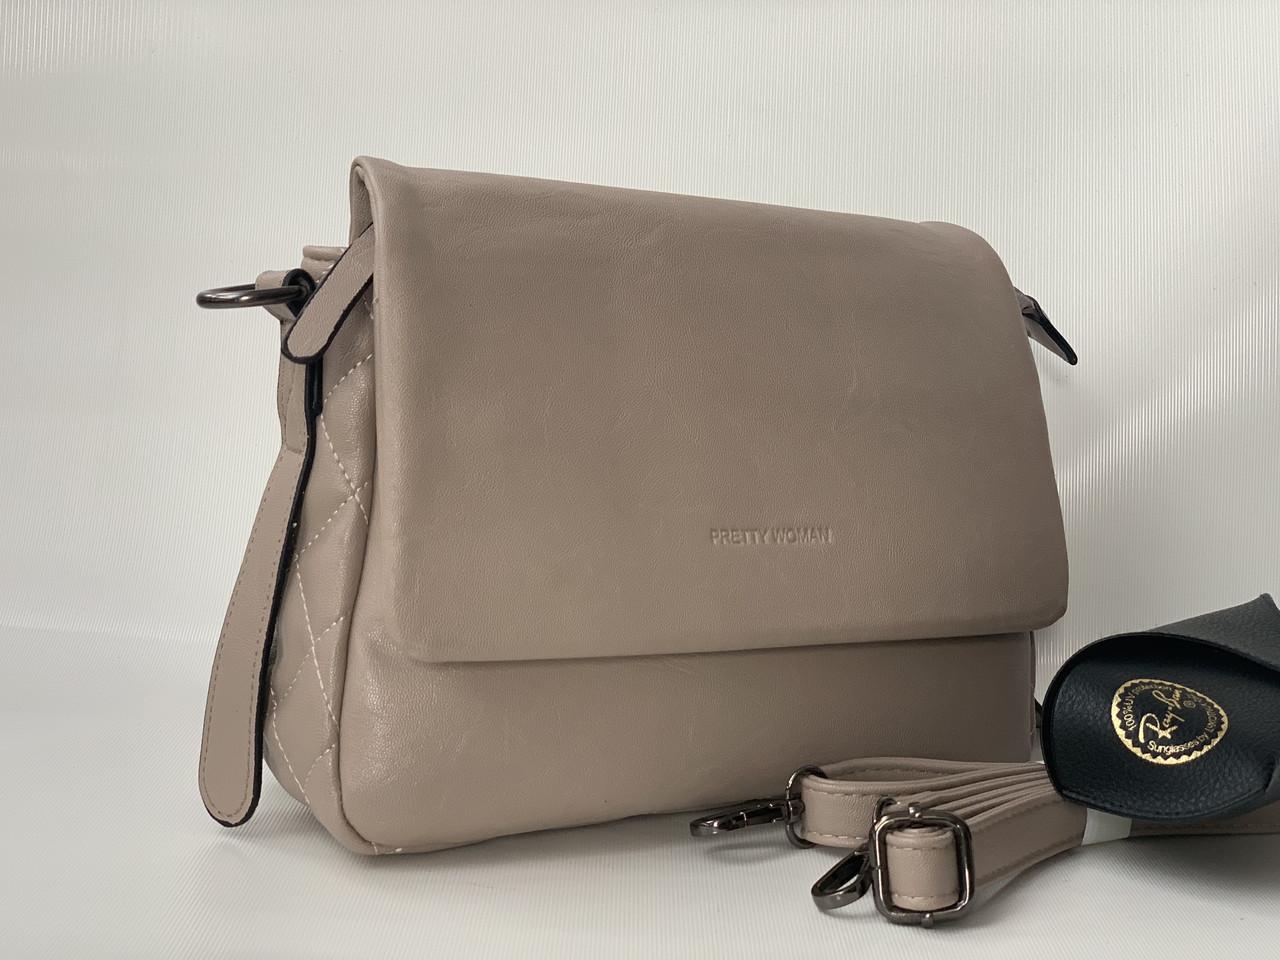 Світло-кавова жіноча сумка Pretty Woman